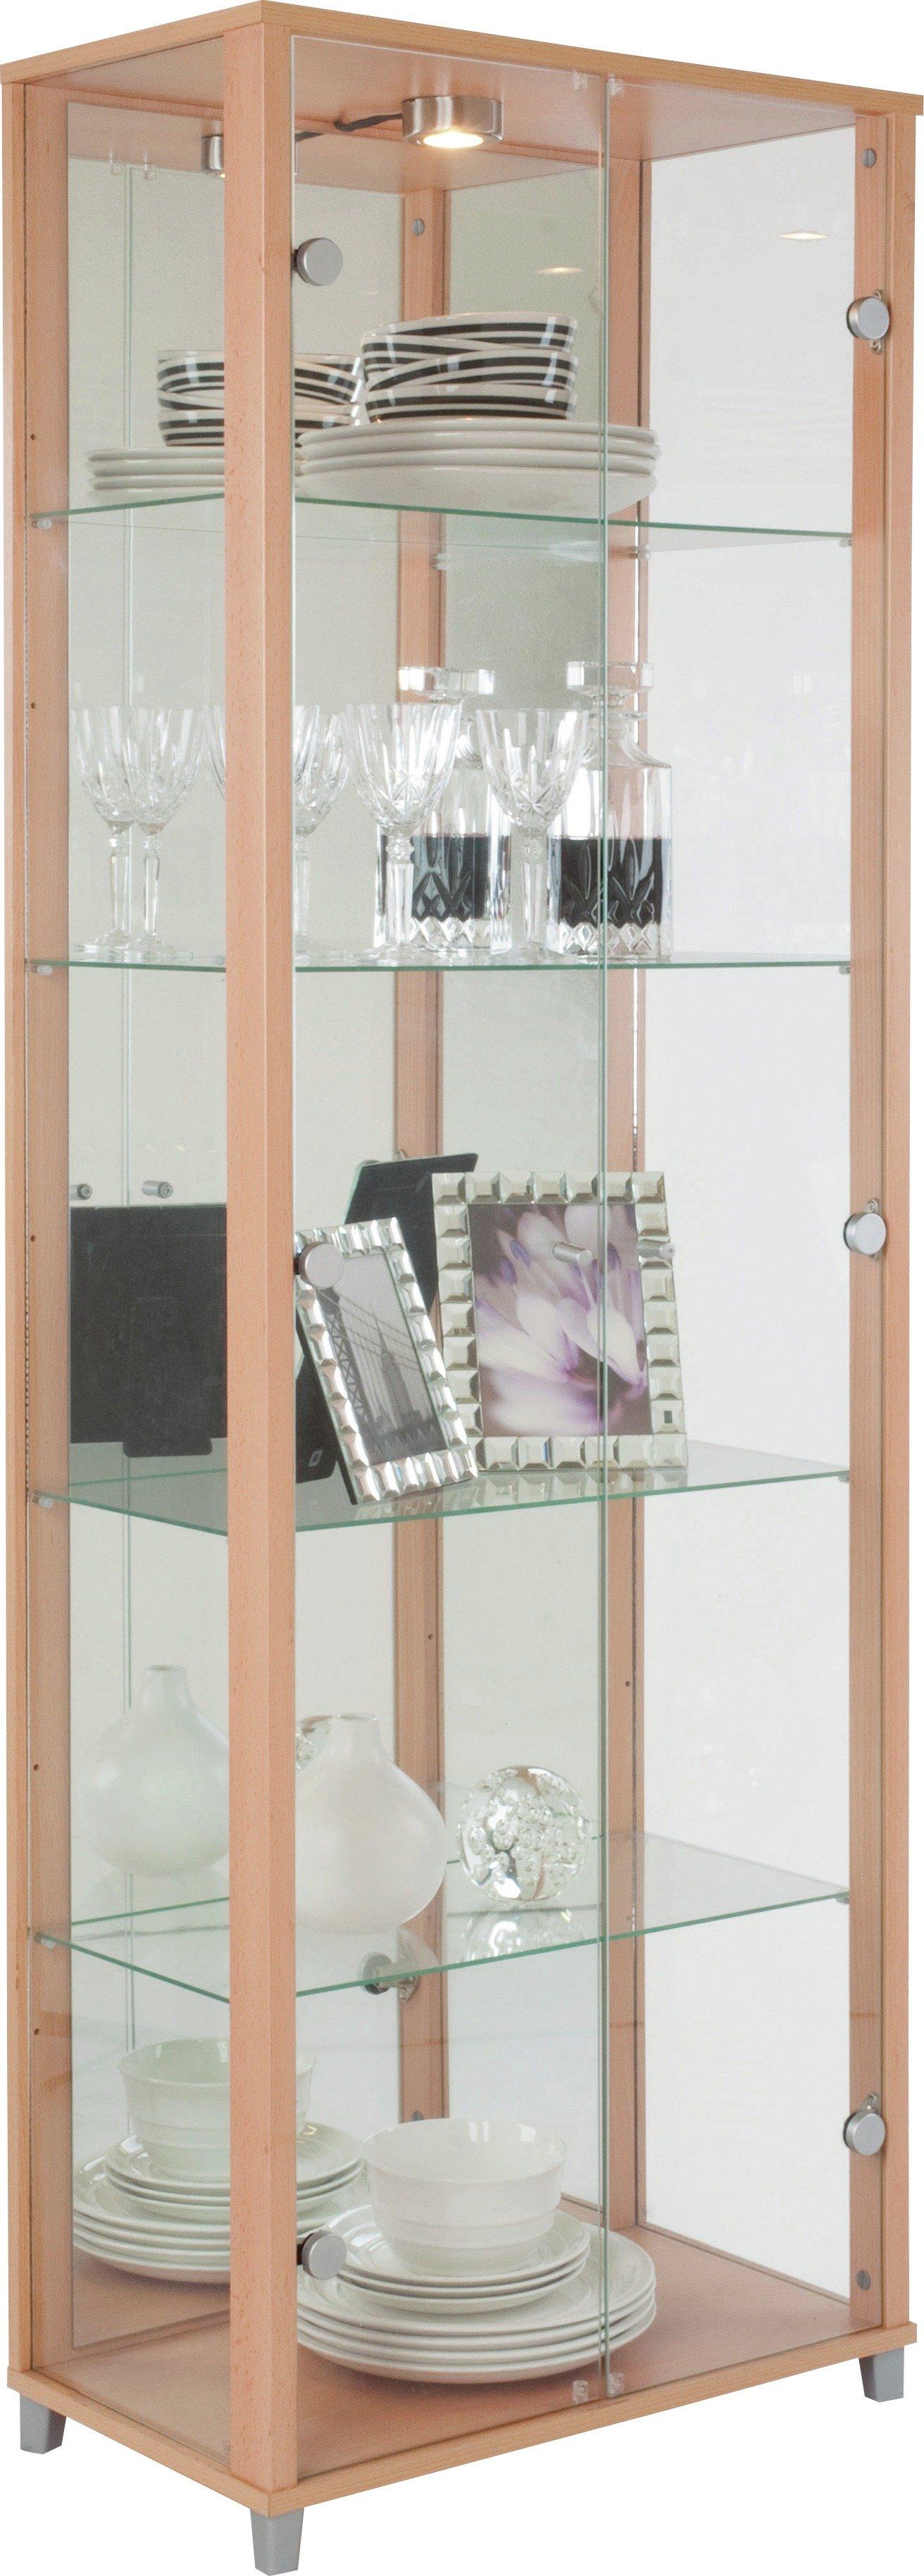 Buy Argos Home 2 Door Glass Display Cabinet   Beech Effect | Display  Cabinets | Argos